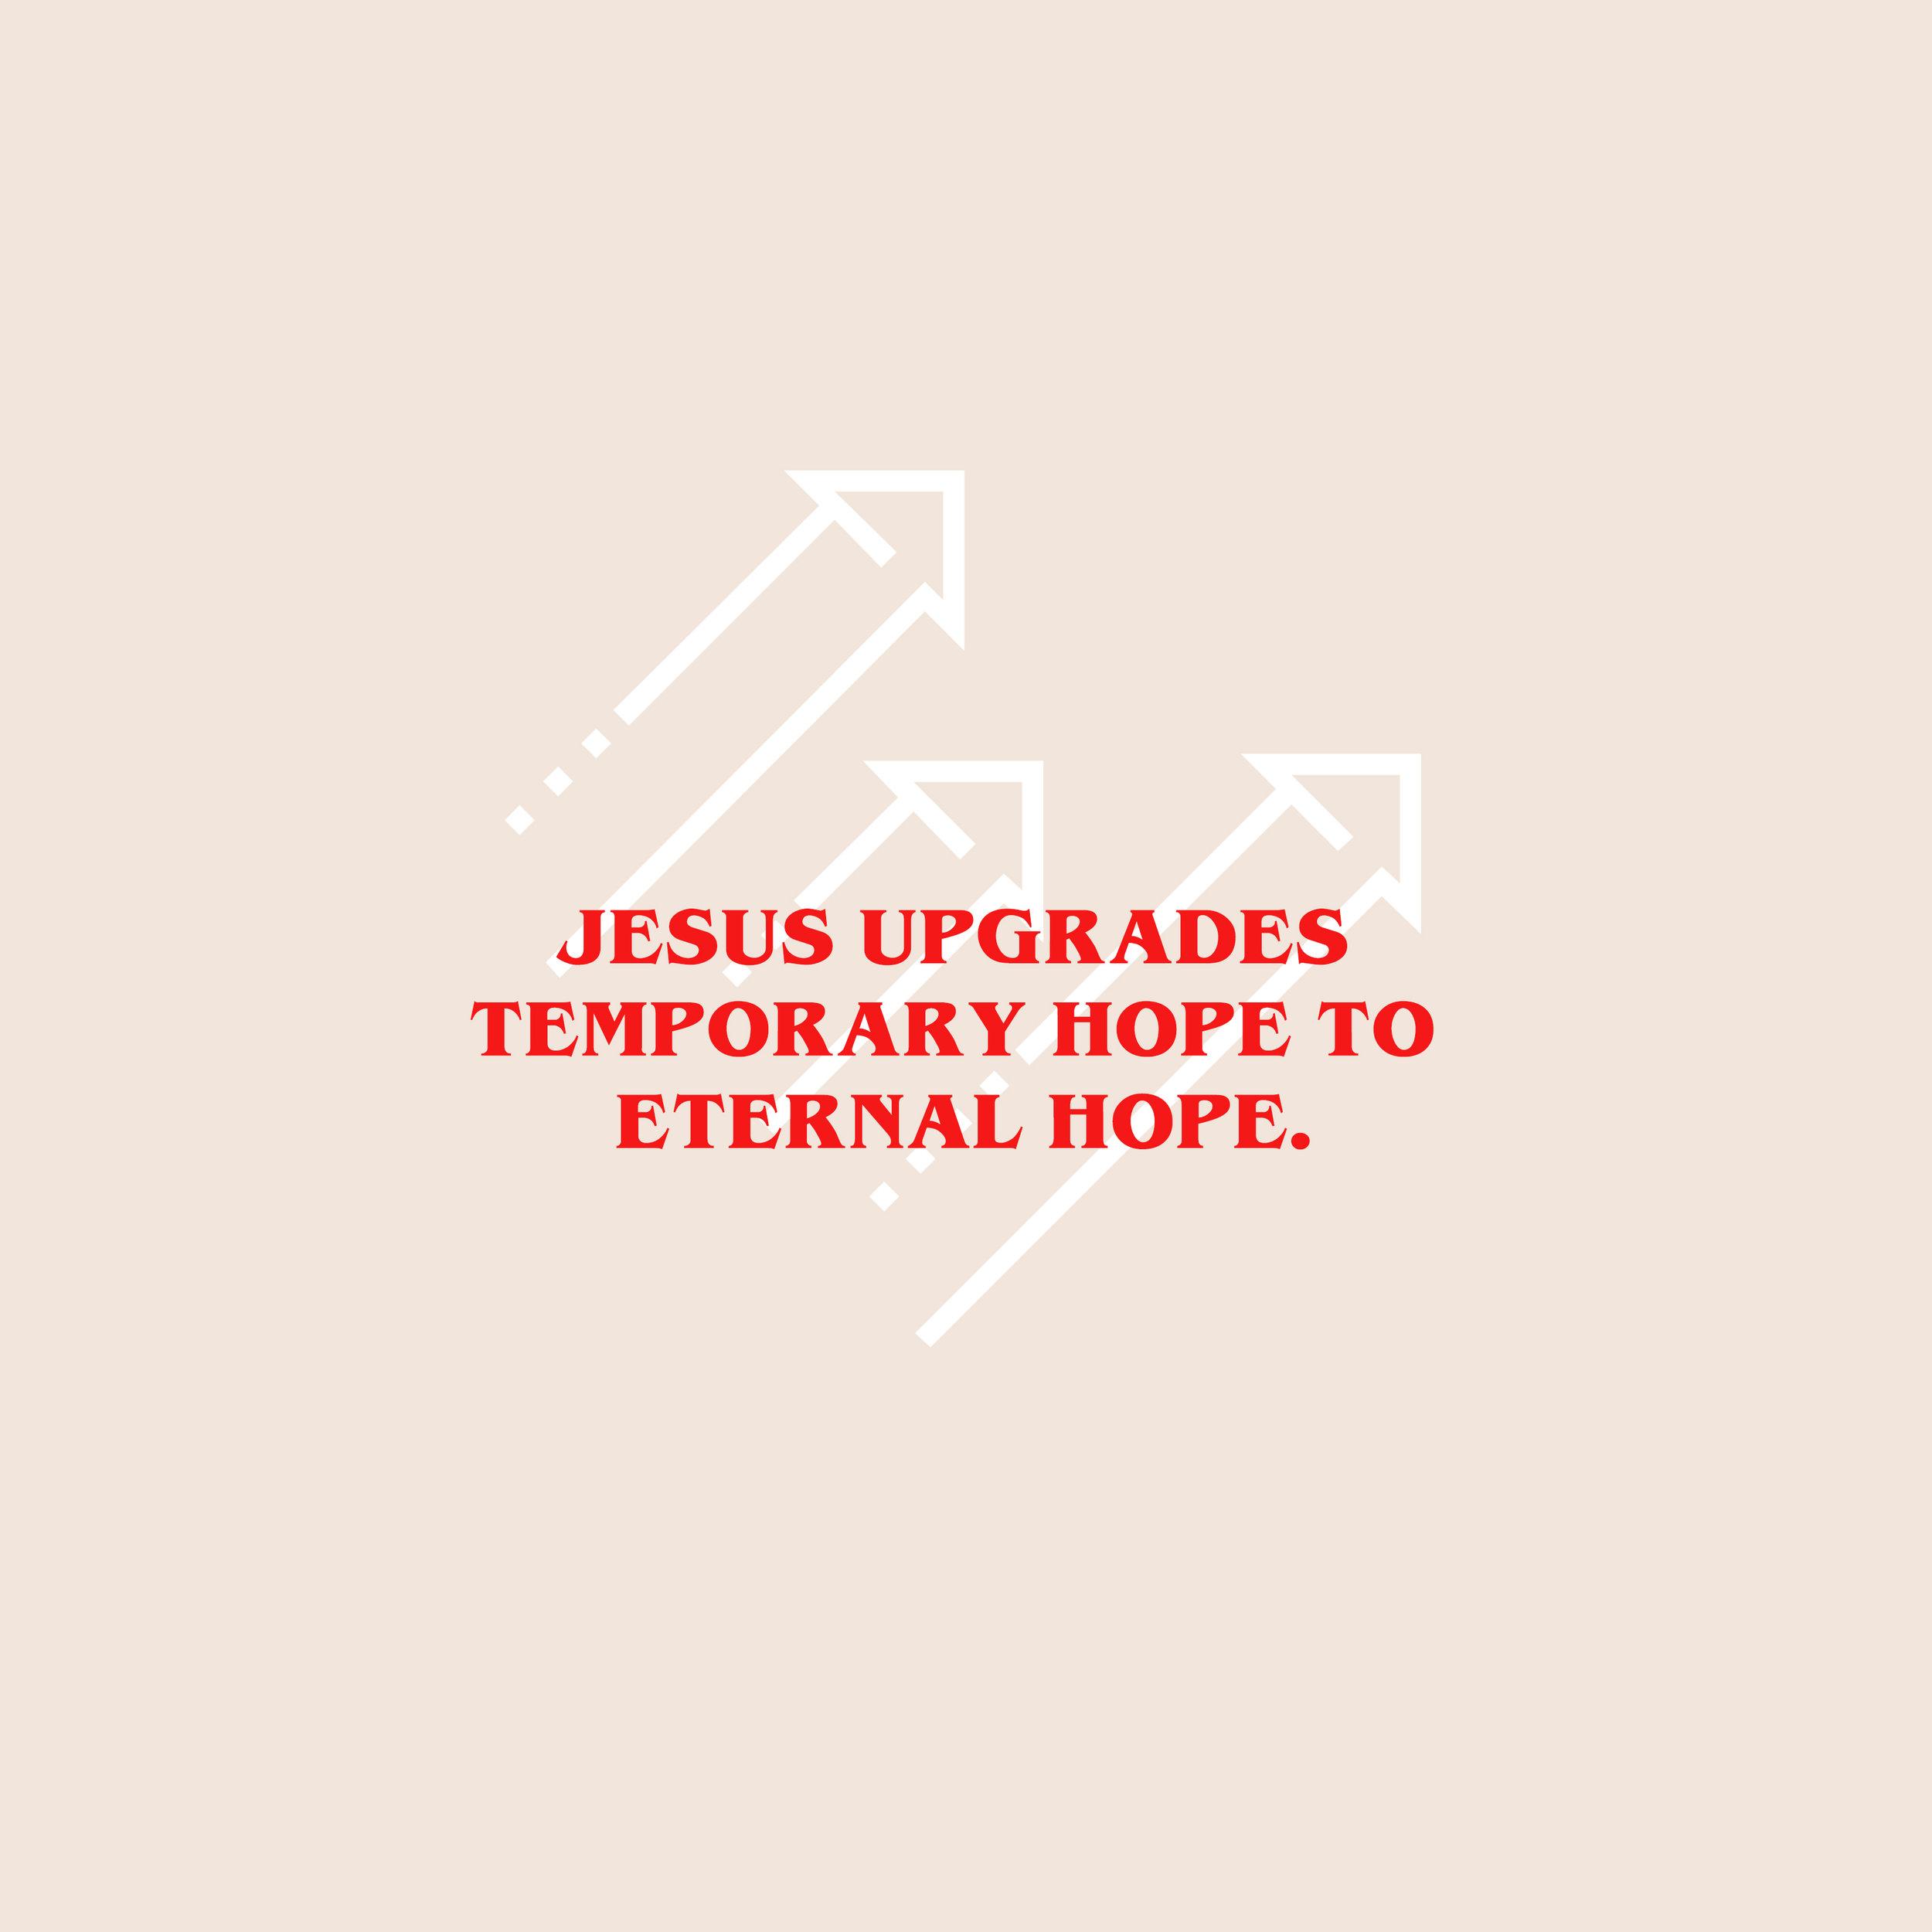 eternalhope.jpg